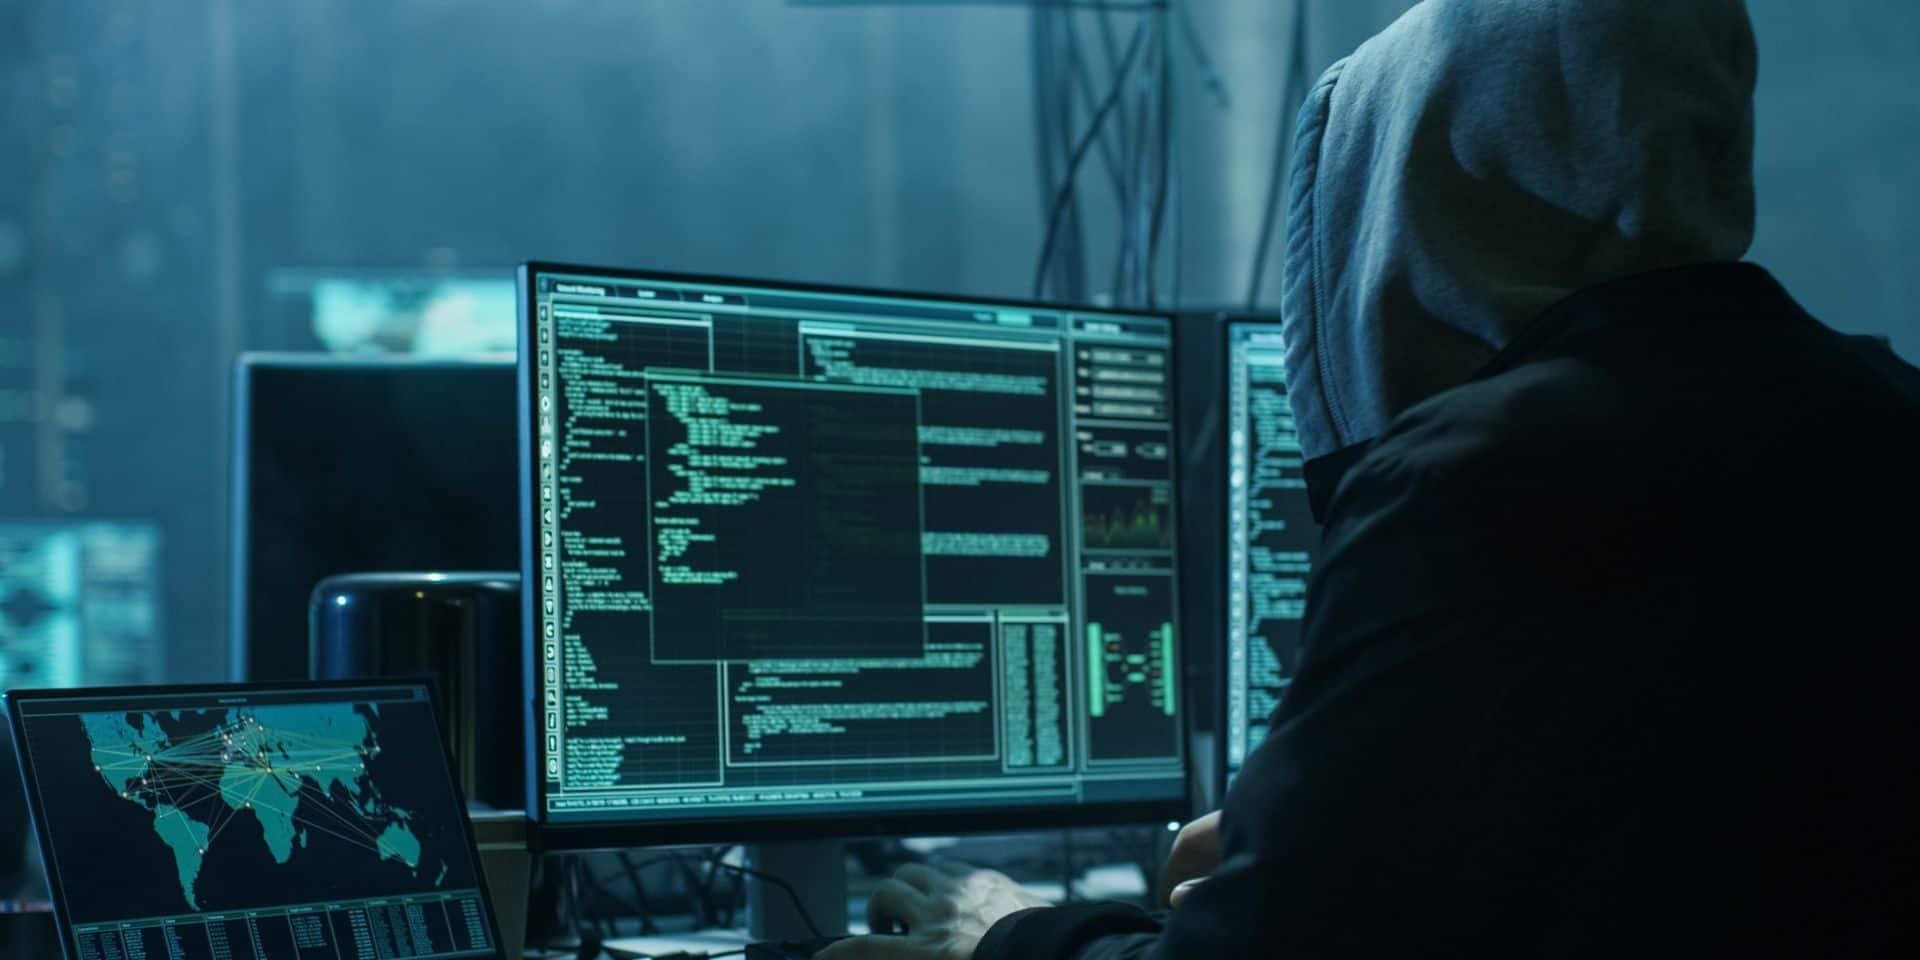 Une belle récompense offerte à ceux qui permettront la capture deux hackers ukrainiens